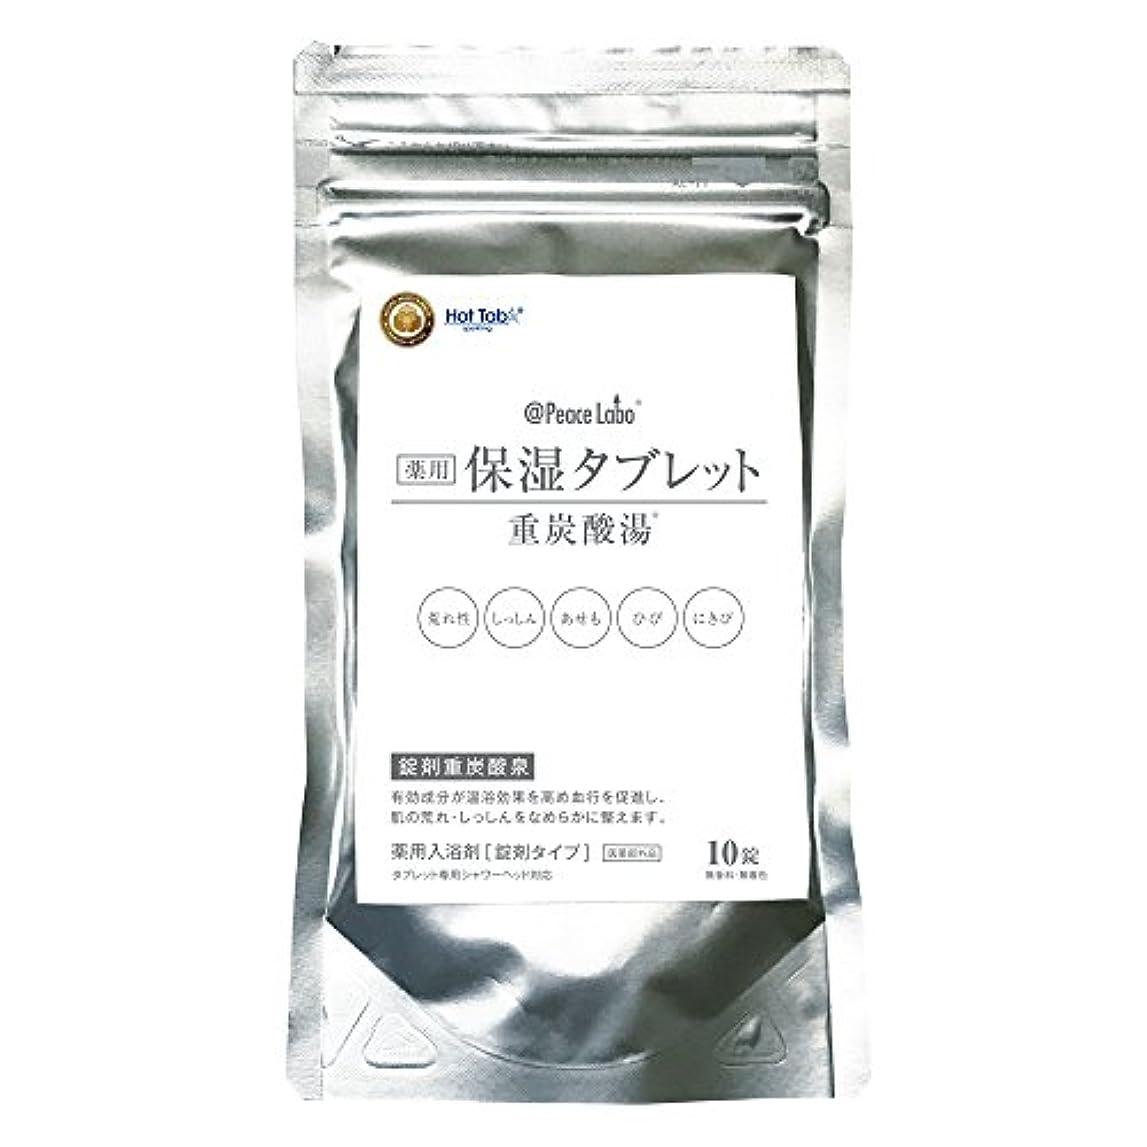 スキャン宴会皮@Peace Labo アットピースラボ 薬用保湿タブレット 重炭酸湯 10錠(スパークリング ホットタブ AT802)